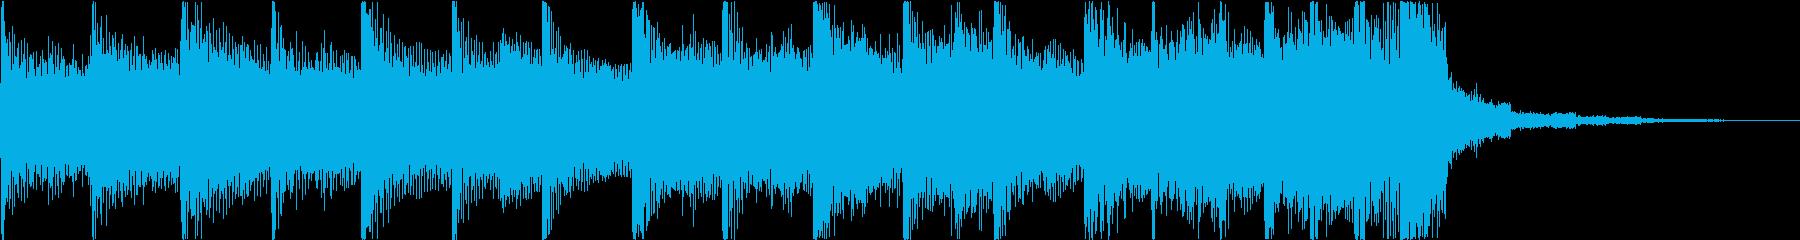 エレキソロがかっこいいロックジングルの再生済みの波形